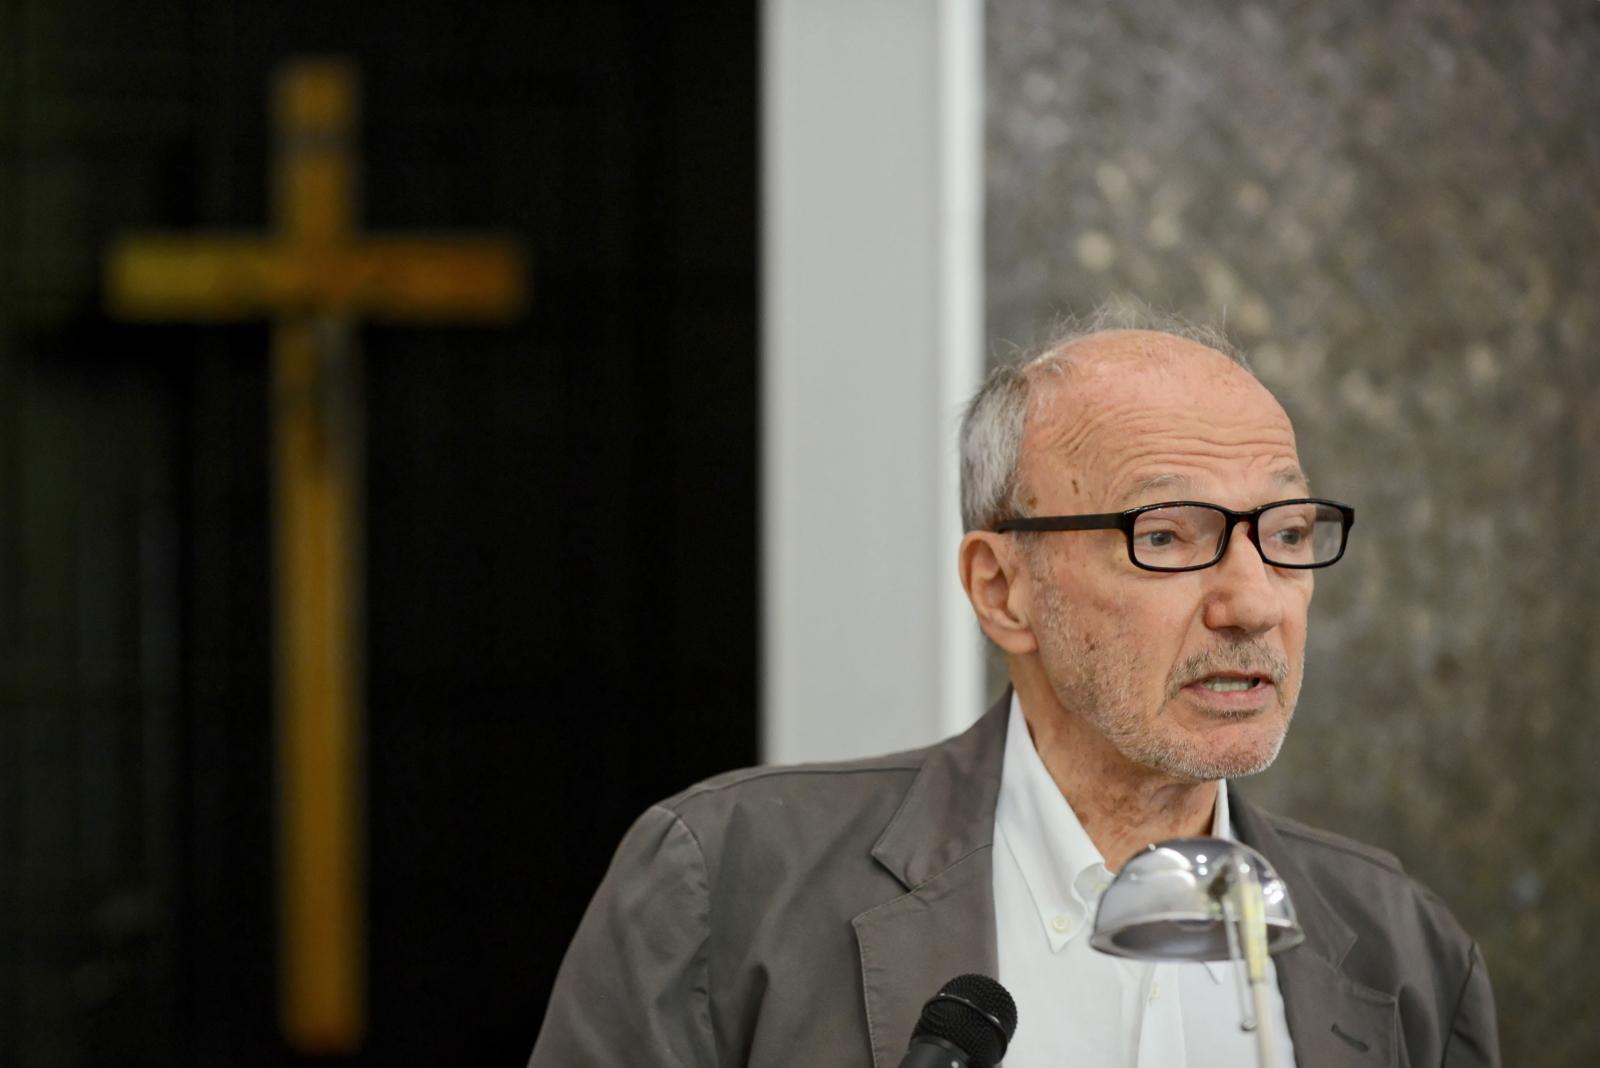 Pogrzeb reżysera, Ryszarda Bugajewskiego, Warszawa. Fot. PAP/Jakub Kamiński